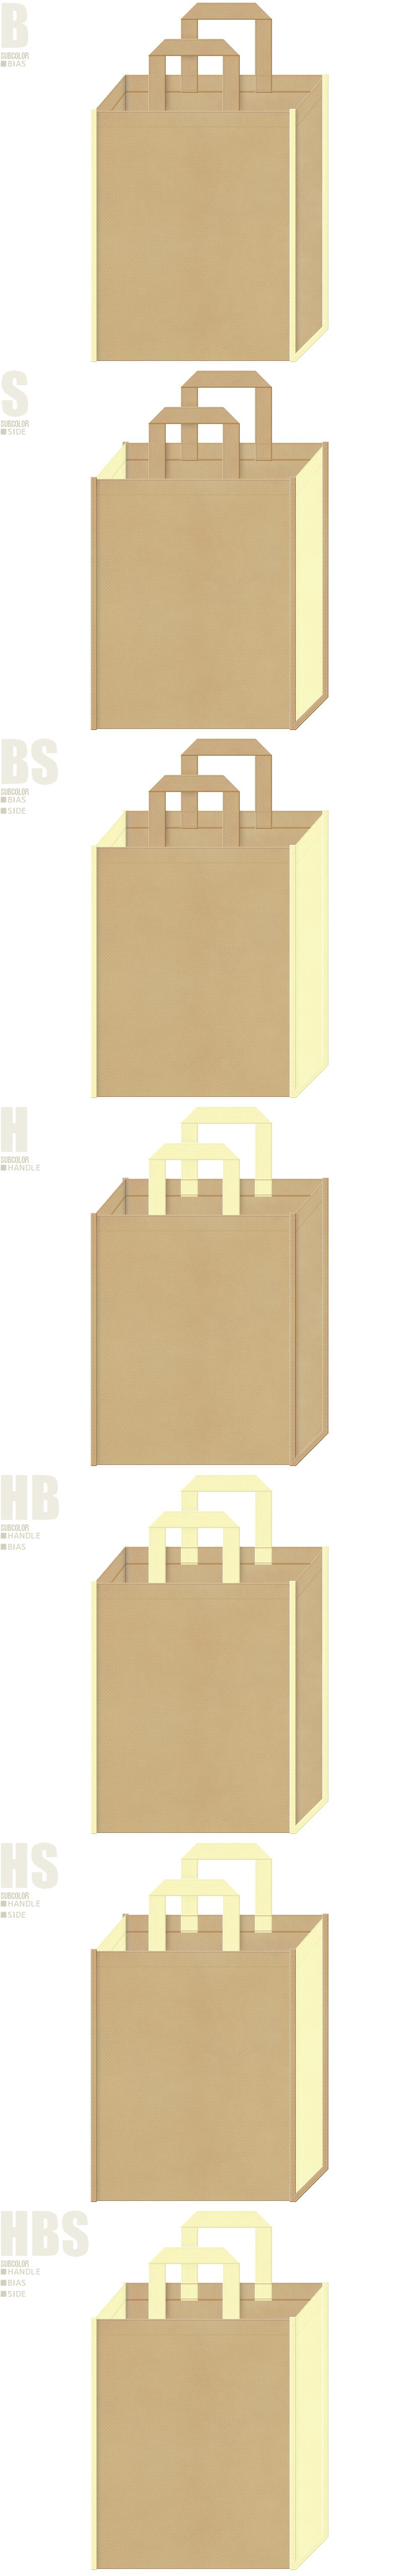 スイーツのショッピングバッグにお奨めの不織布トートバッグデザイン例。